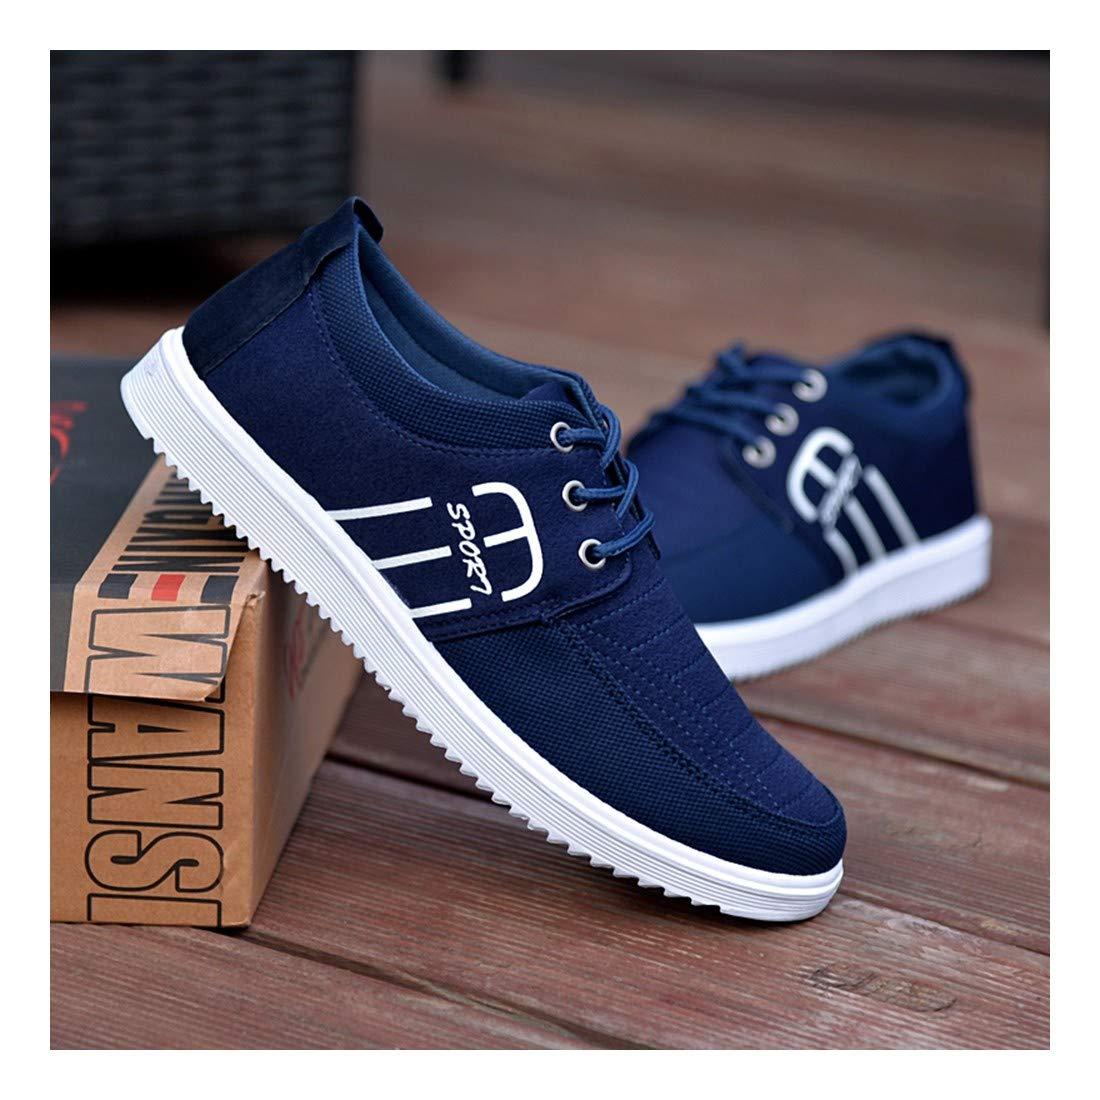 YAYADI Männer Schuhe Sommer'S Fashion Herren Freizeitschuhe Atmungsaktiv Spitze Glatte Leinwand Marke Man Canvas Schuhe Jogging Fitness Schuhe Leichte